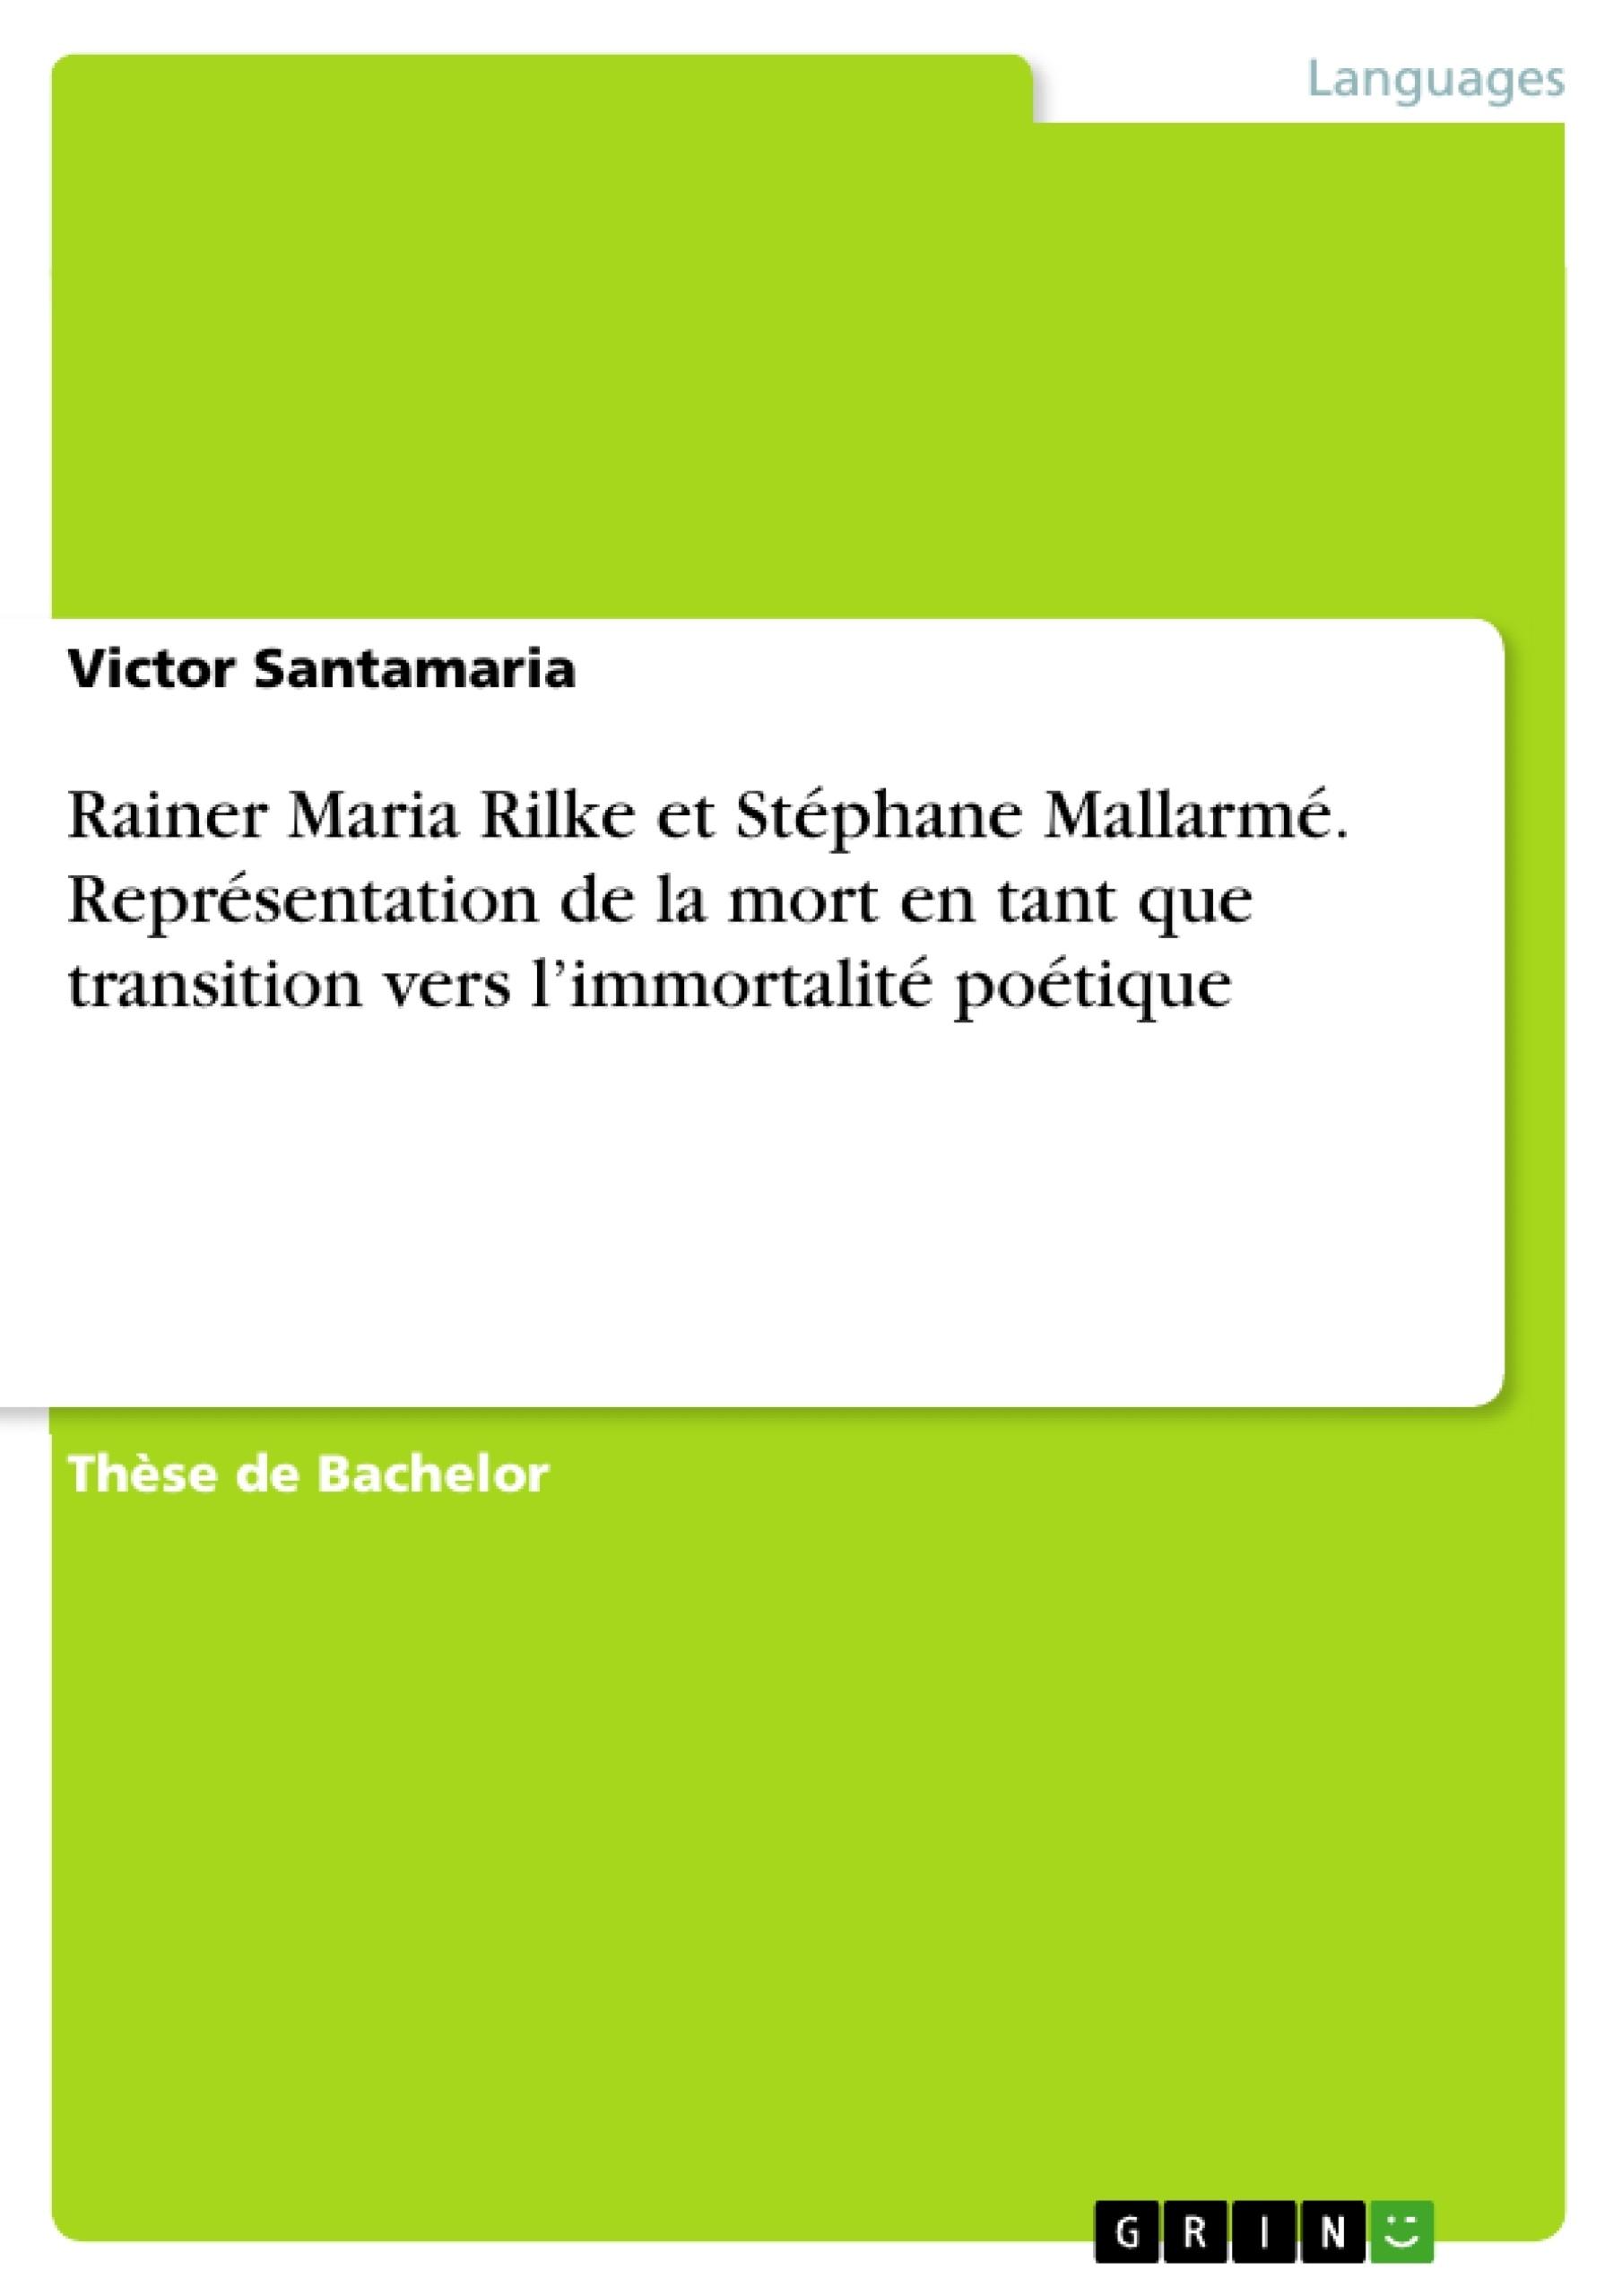 Titre: Rainer Maria Rilke et Stéphane Mallarmé. Représentation de la mort en tant que transition vers l'immortalité poétique